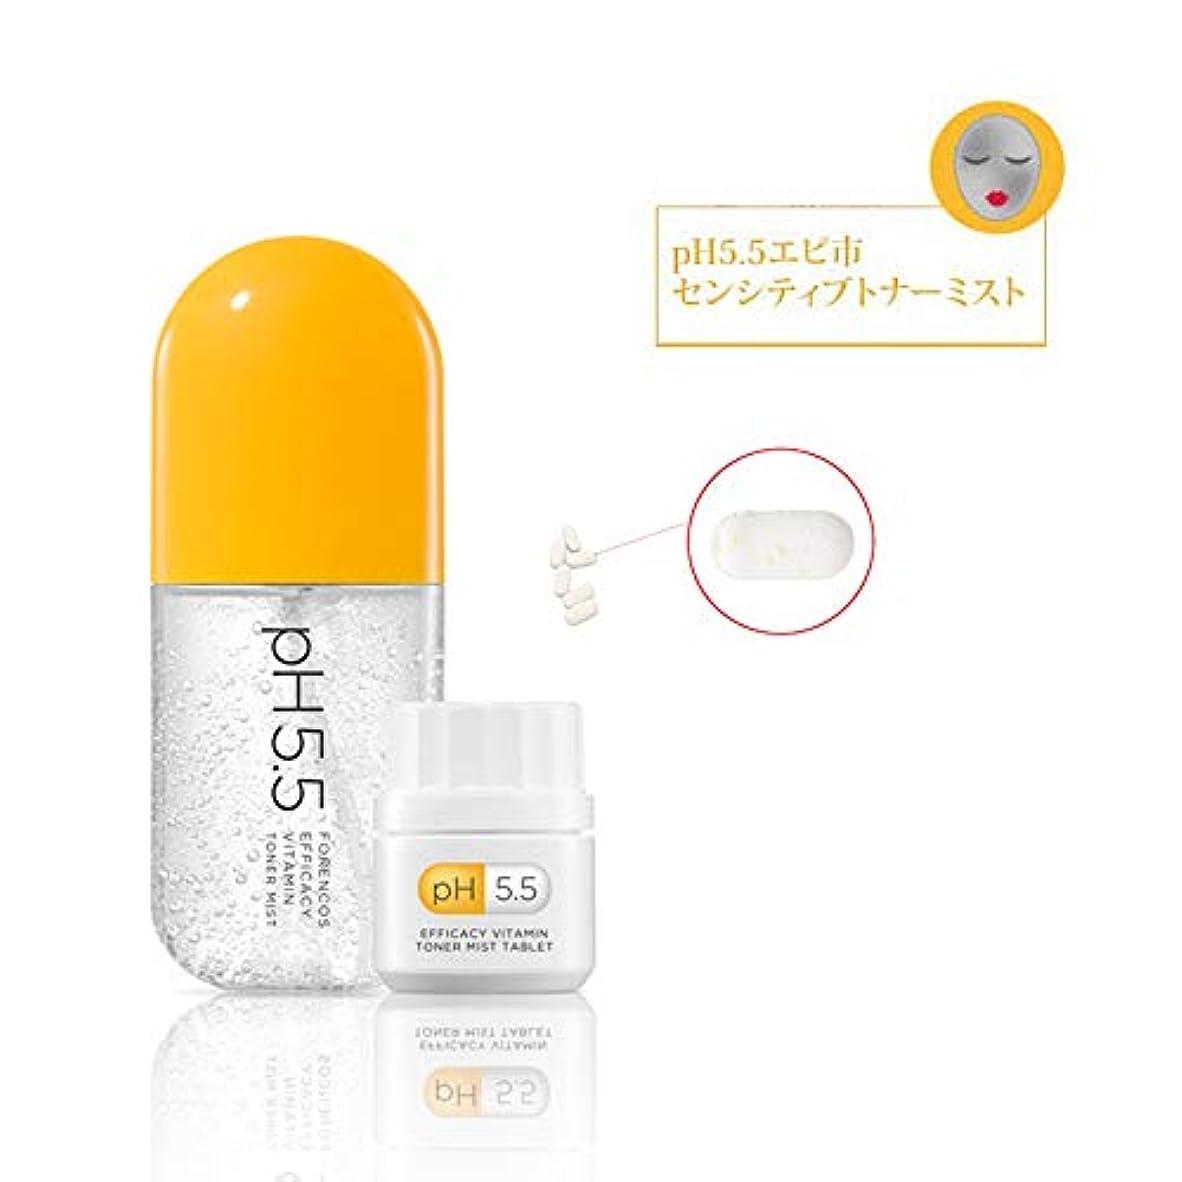 曲がったアコードカストディアン[FORENCOS] pH5.5 ビタミン効果型化粧水スプレー/pH 5.5 Efficacy Toner Mist (1g*10ea) 1 Pack #Vitamin